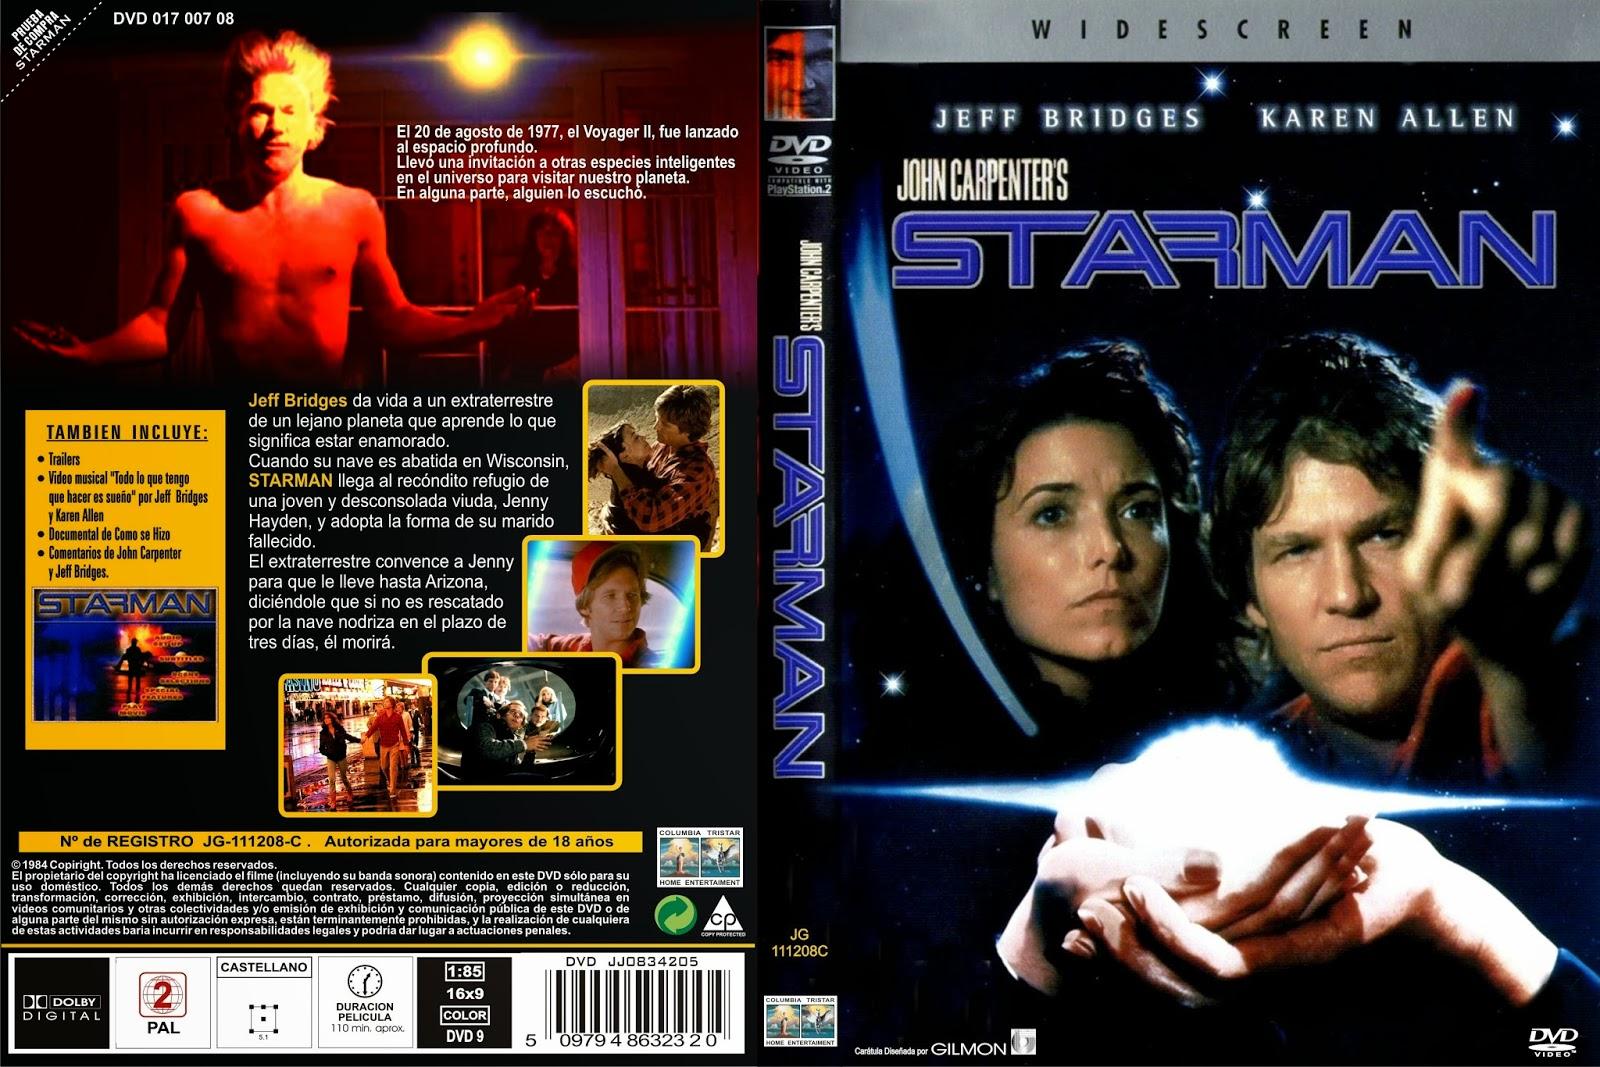 Starman ( 1984 ) Dual + subtítulos DescargaCineClasico.Net